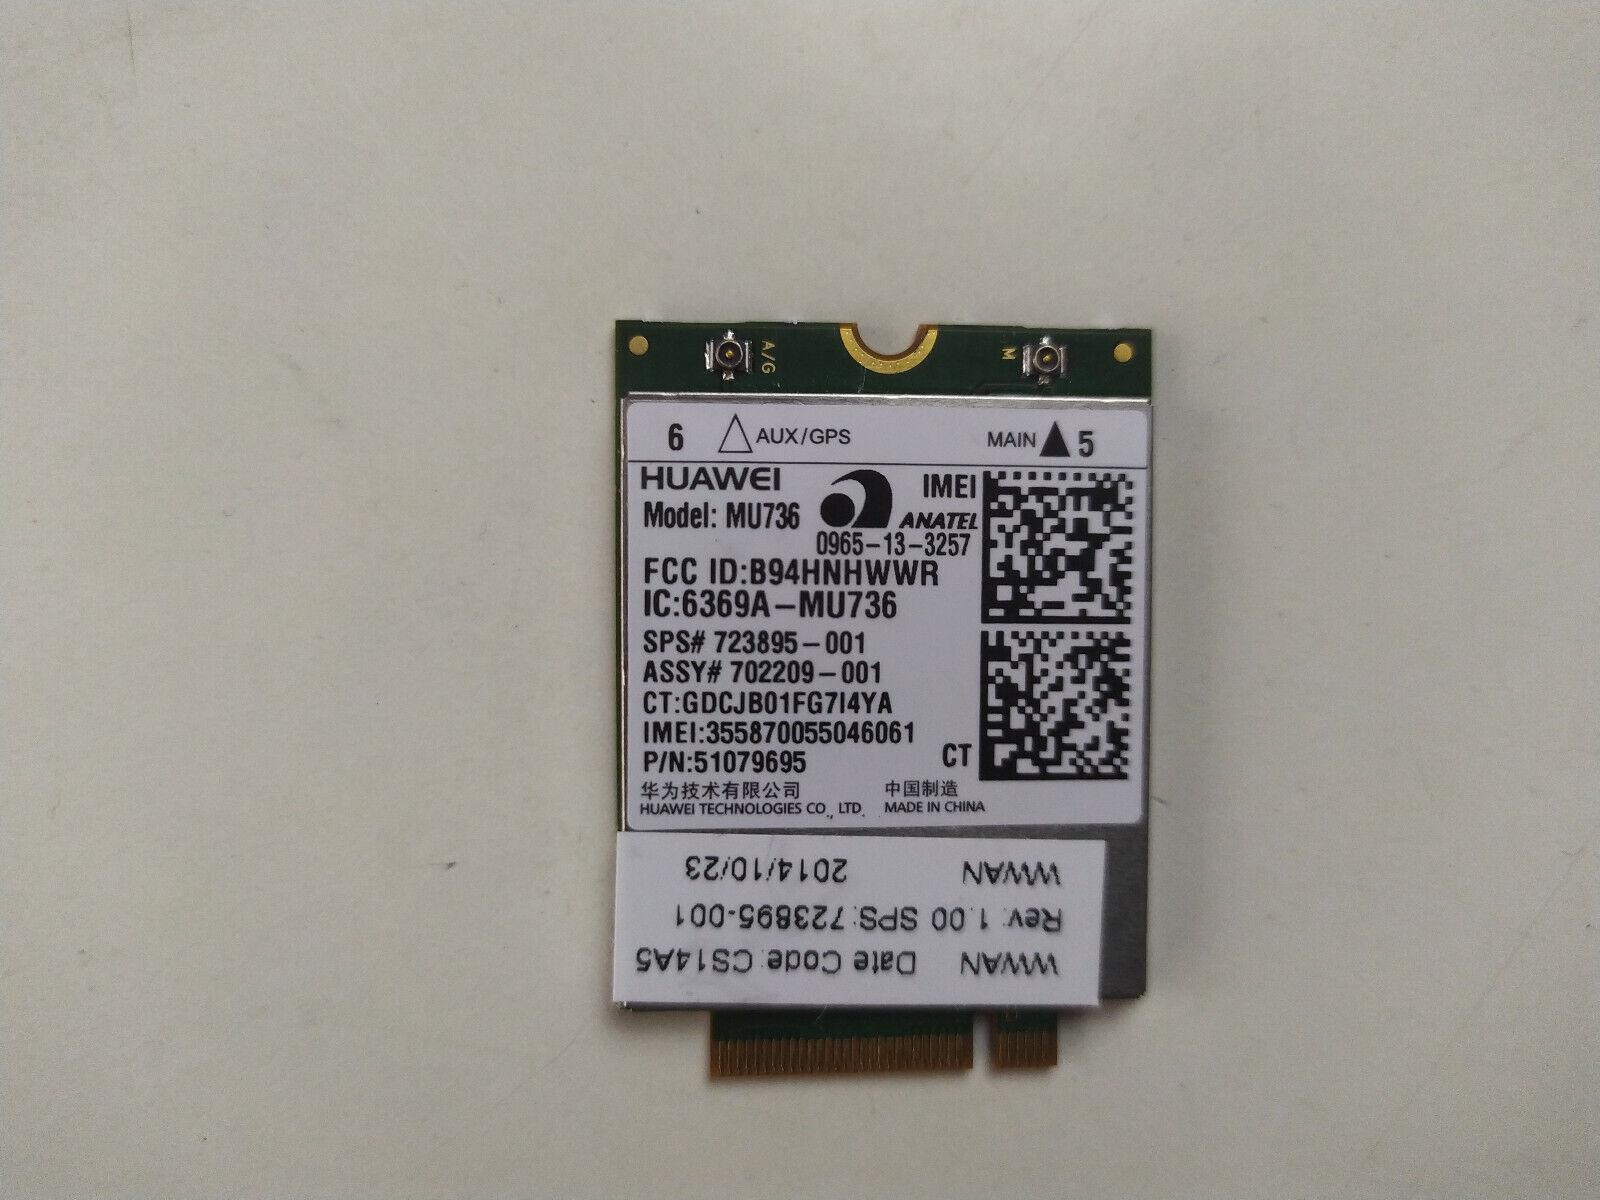 HP Elitebook 820 G1 840 G1 Probook 650 G1 Modem Card 723895-001 702209-001